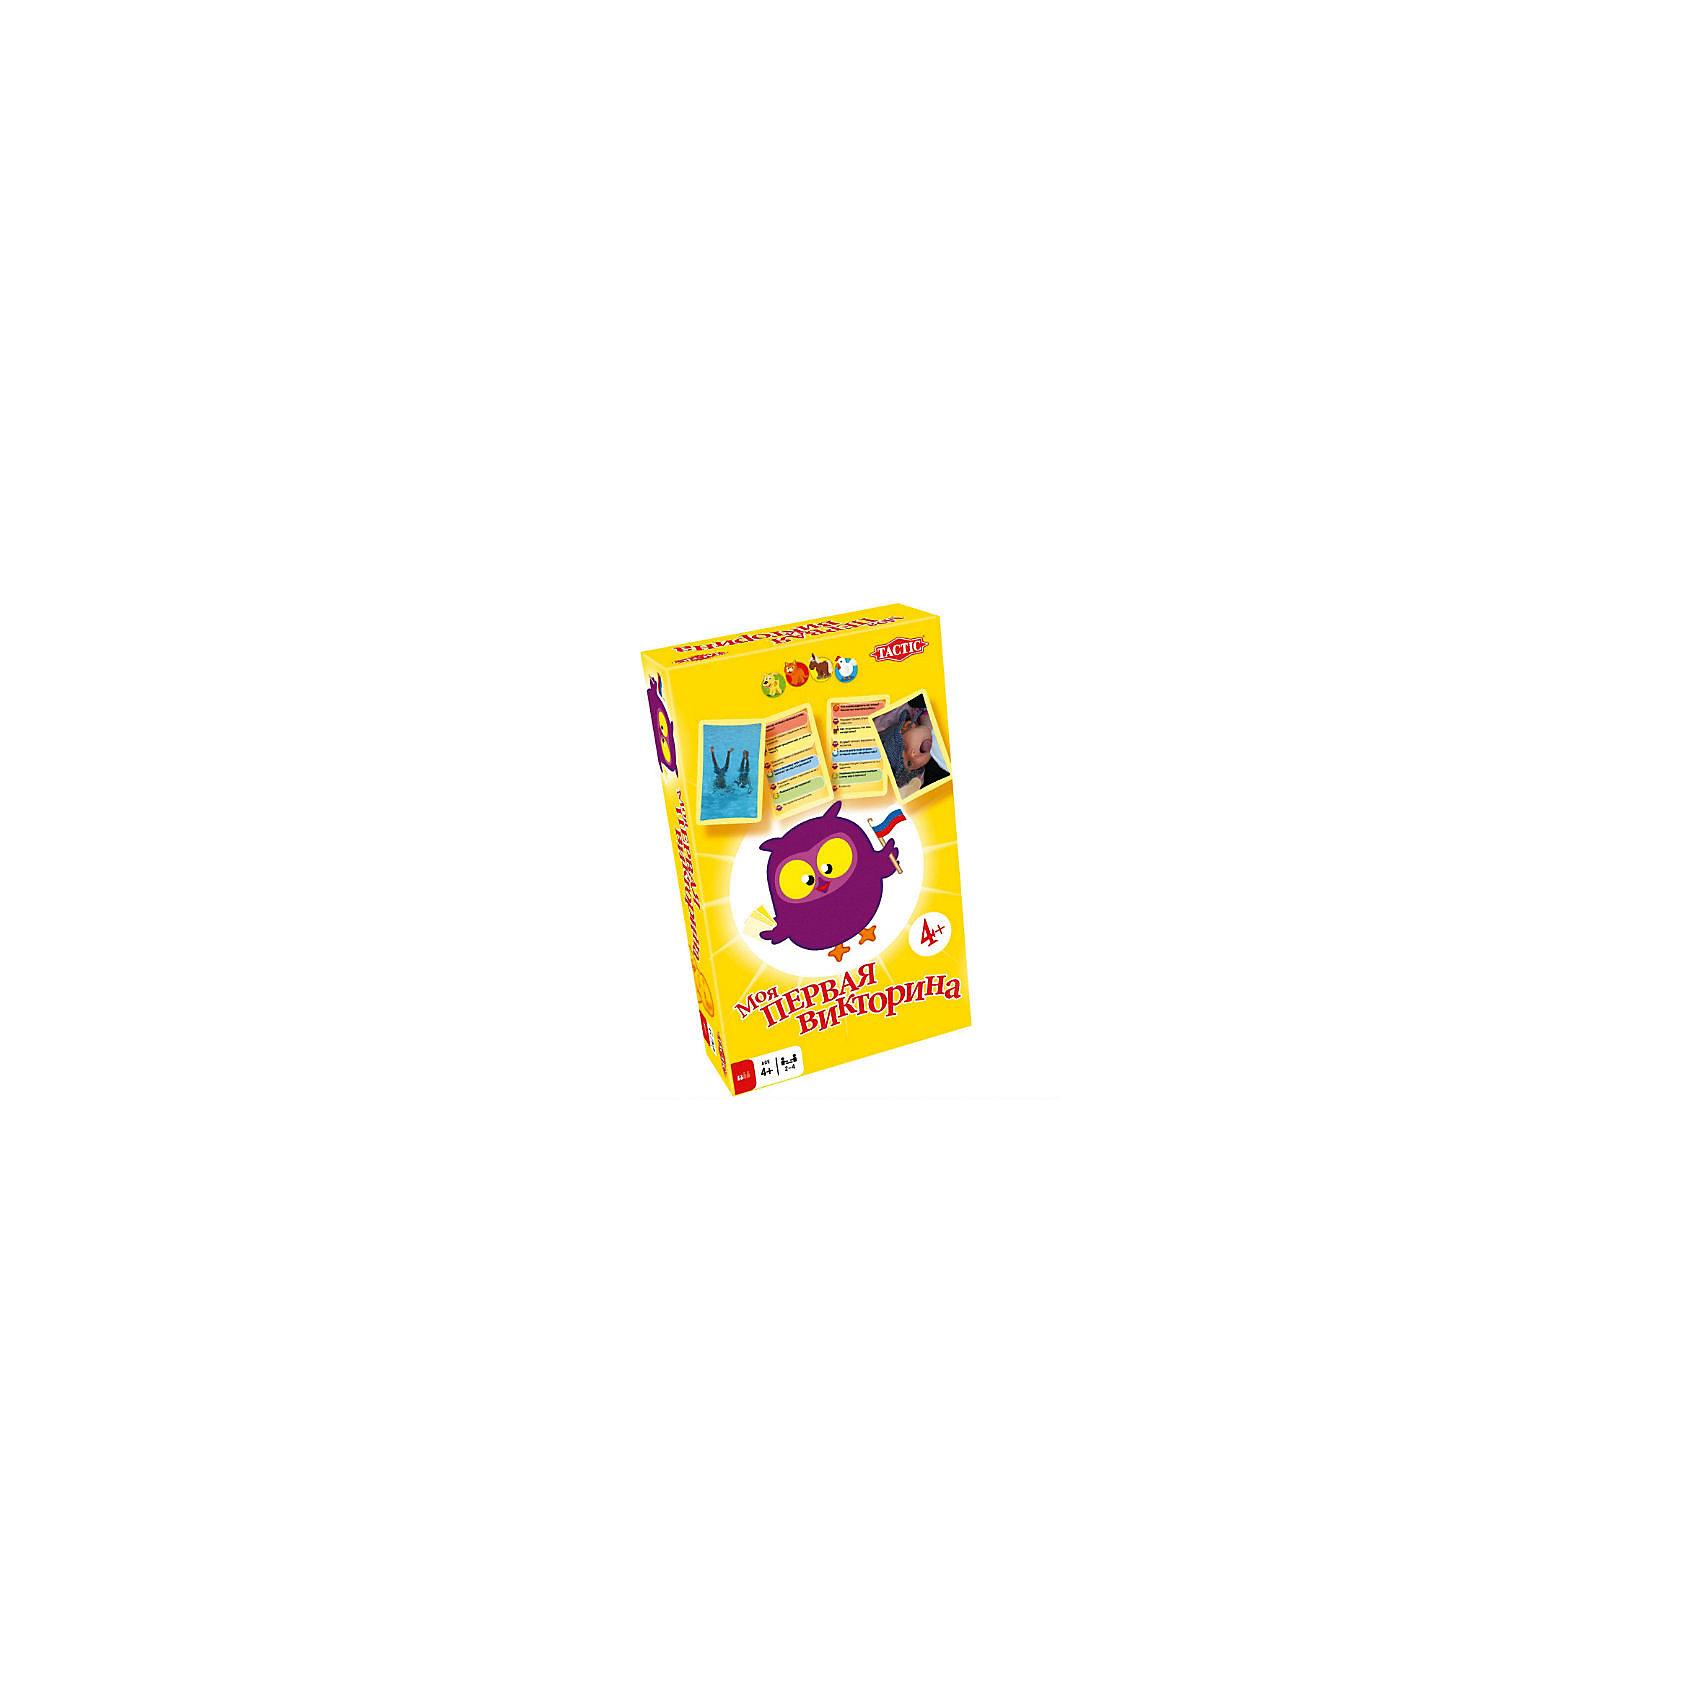 Игра Моя первая викторина, компактная версия, Tactic GamesИгра Моя первая викторина, компактная версия, Tactic Games для маленьких исследователей. <br>С помощью такой игры вы сможете помочь малышу узнать много нового об окружающем мире. В комплект входит игровое поле, 4 фишки игроков, 4 карточки с местами для животных, 96 карточек с вопросами, 16 животных, правила игры и кубик. Ребенок, кидая кубик, узнает какое задание ему нужно выполнить. За выполнение заданий малыш получает карточку и животное. За 4 правильных задания ребенку выпадет право стать Умной совой, если он ответит еще на один, финальный вопрос.<br><br>Дополнительная информация:<br><br>- возраст: от 4 лет<br>- количество игроков: 2-4<br>- продолжительность игры: 20-30 минут <br><br>Игра Моя первая викторина, компактная версия, Tactic Games можно купить в нашем интернет-магазине.<br><br>Ширина мм: 112<br>Глубина мм: 37<br>Высота мм: 183<br>Вес г: 200<br>Возраст от месяцев: 48<br>Возраст до месяцев: 2147483647<br>Пол: Унисекс<br>Возраст: Детский<br>SKU: 5055320